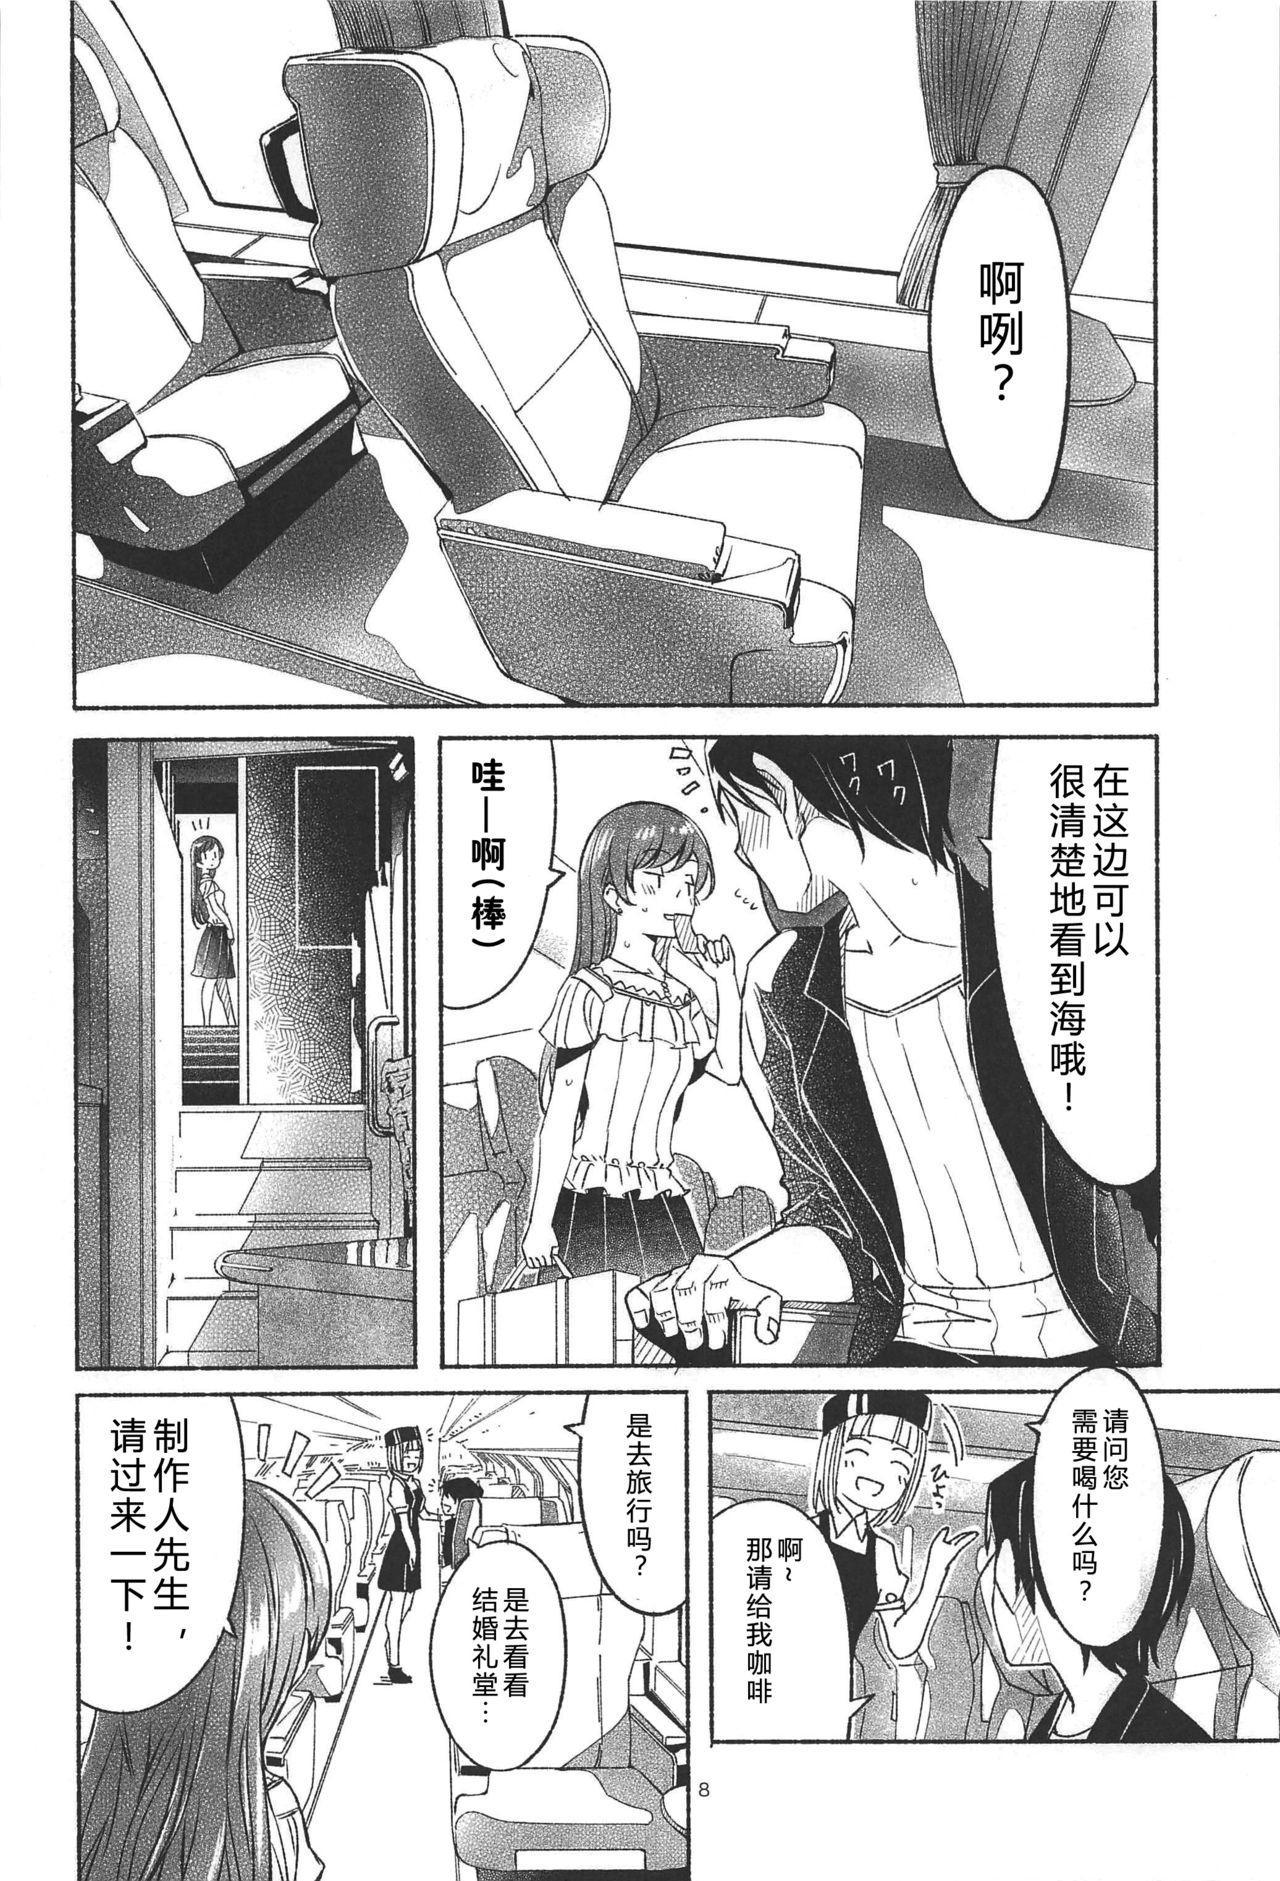 Nagisa no Hanayome 9